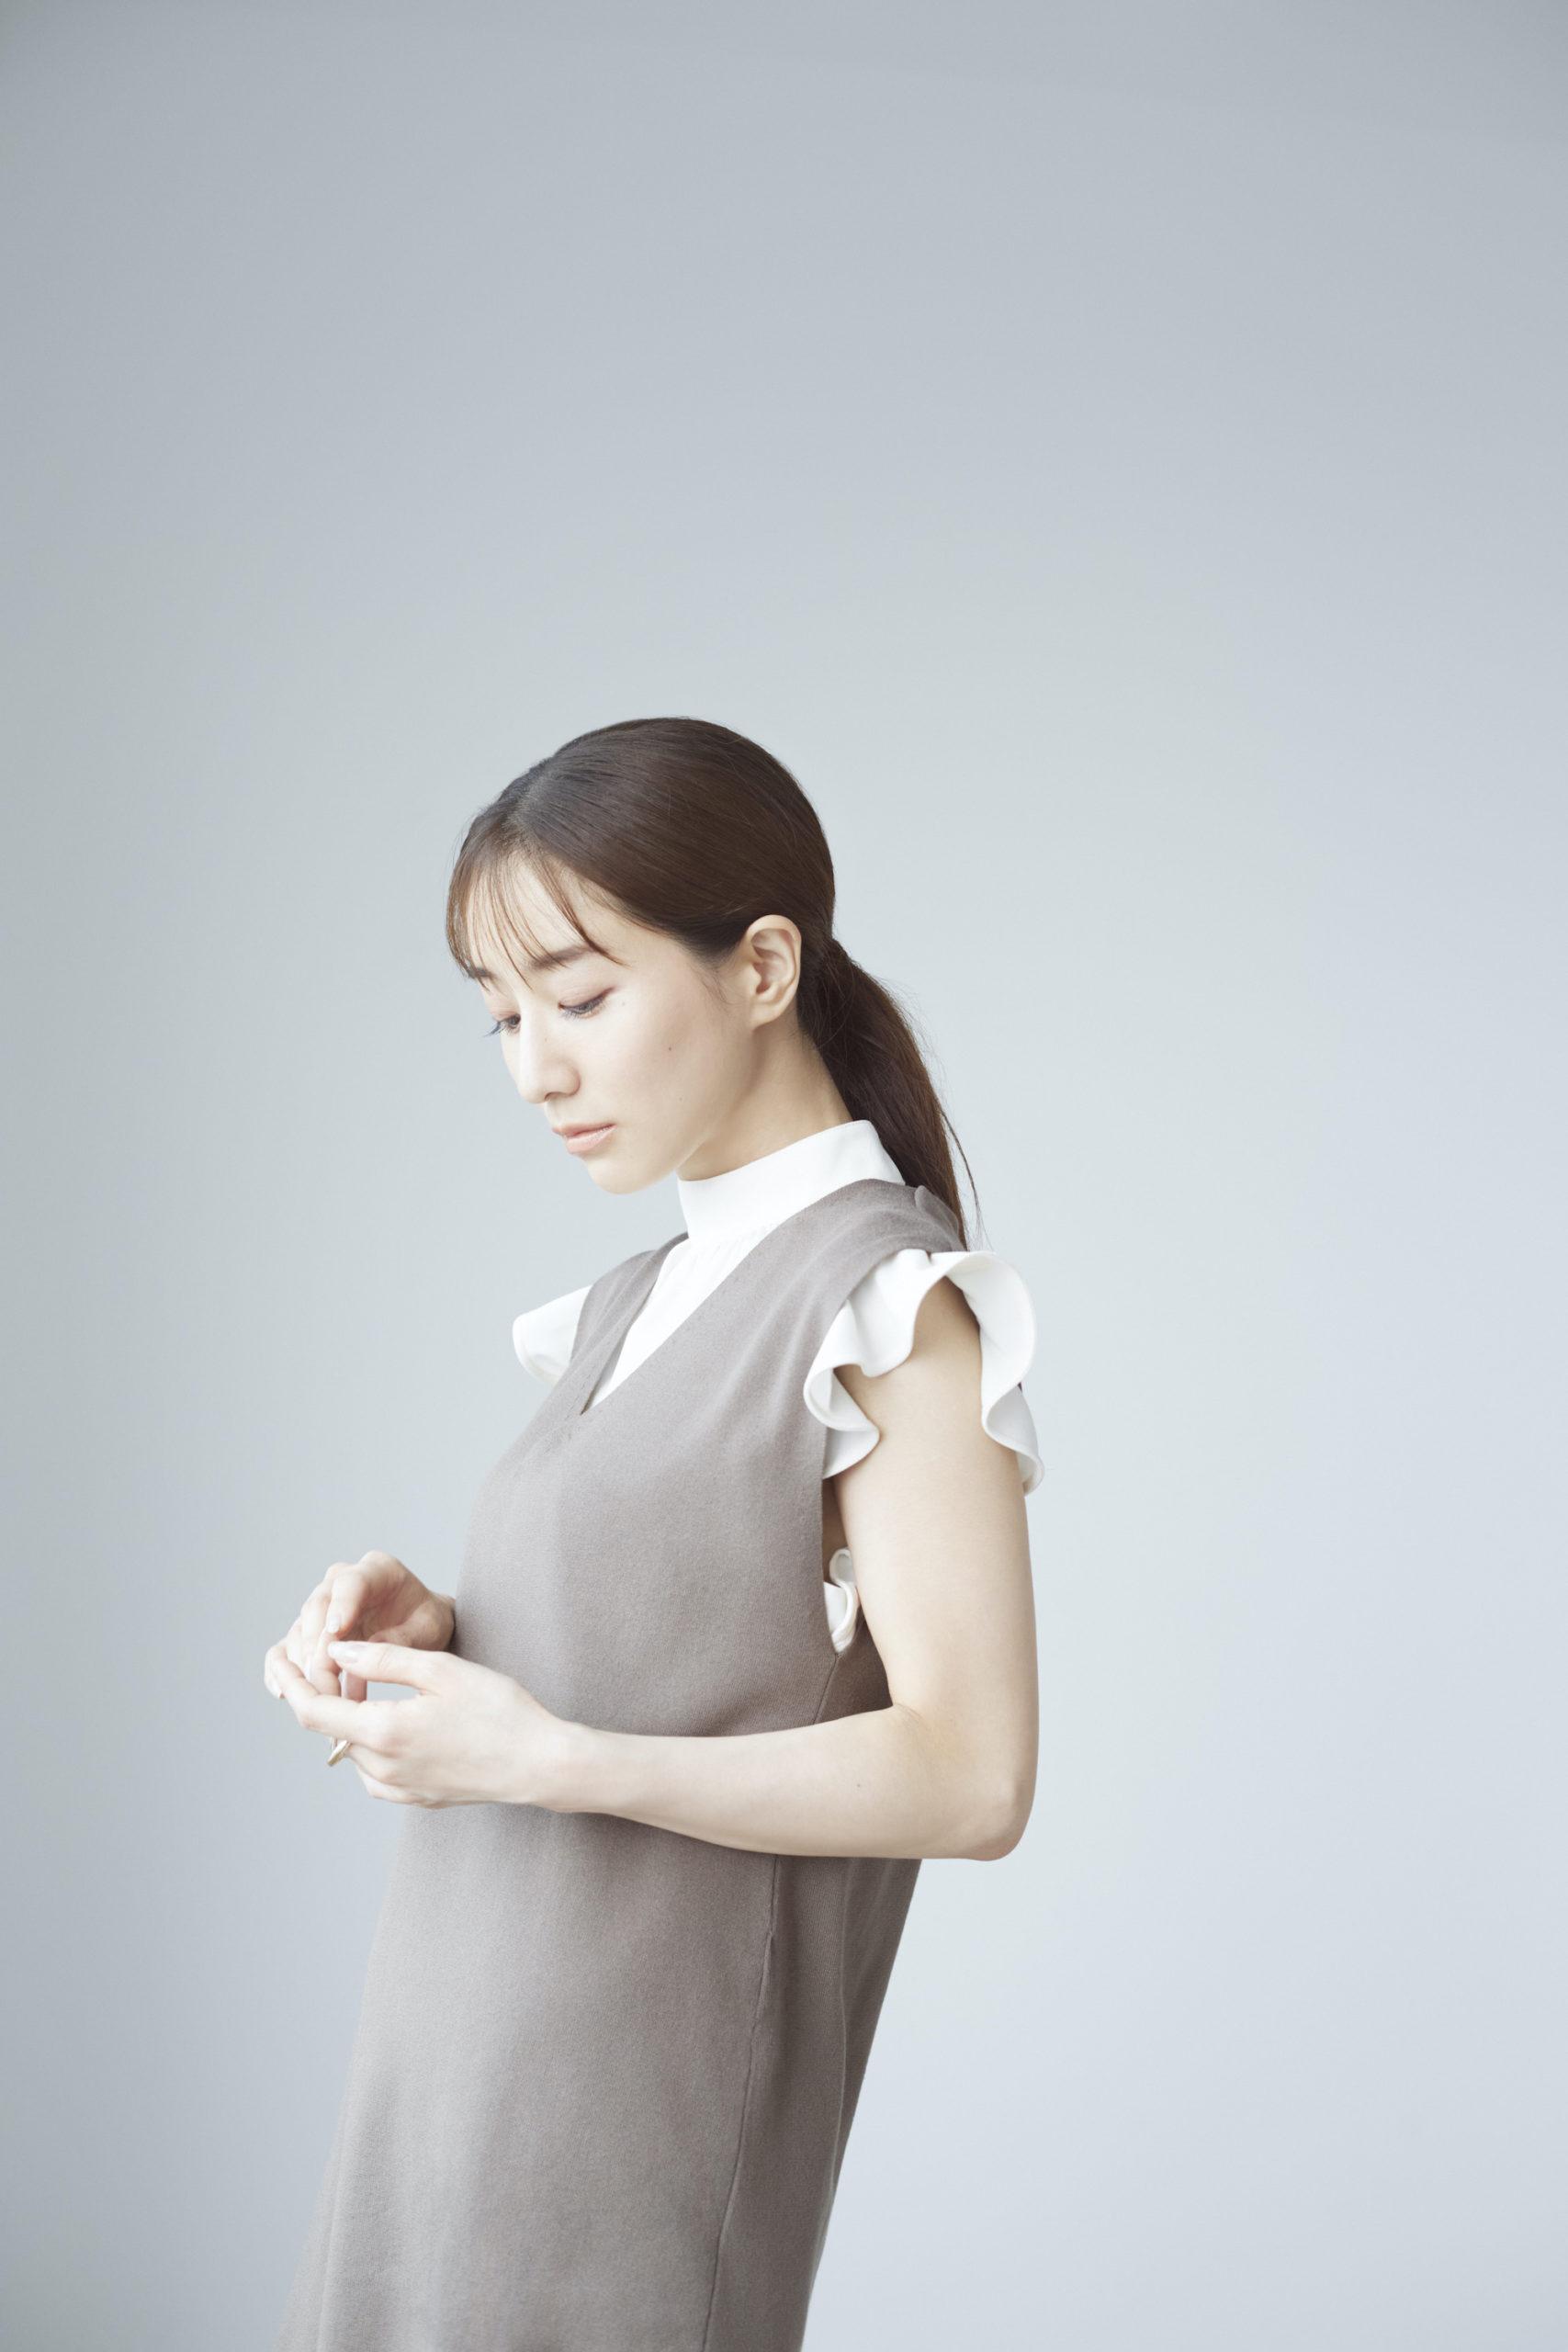 田中みな実/SNIDEL(スナイデル)2020年 秋の新作コレクション